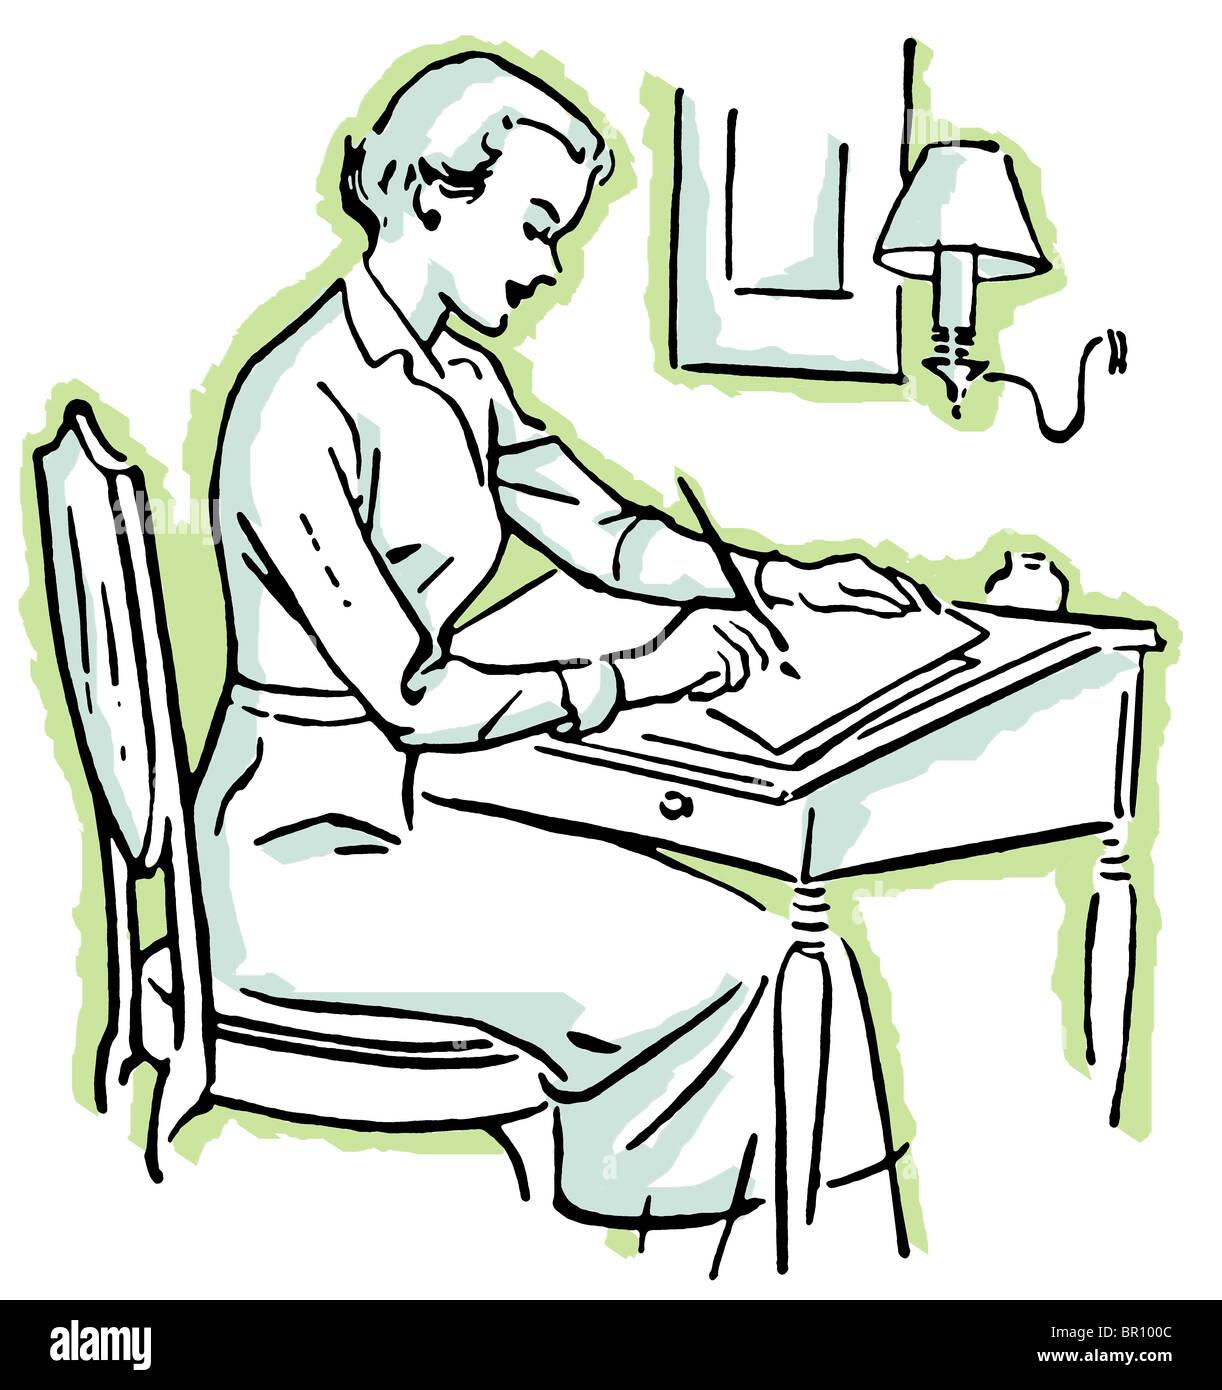 Disegnare Una Scrivania.Un Disegno Di Una Donna Ad Una Scrivania Foto Immagine